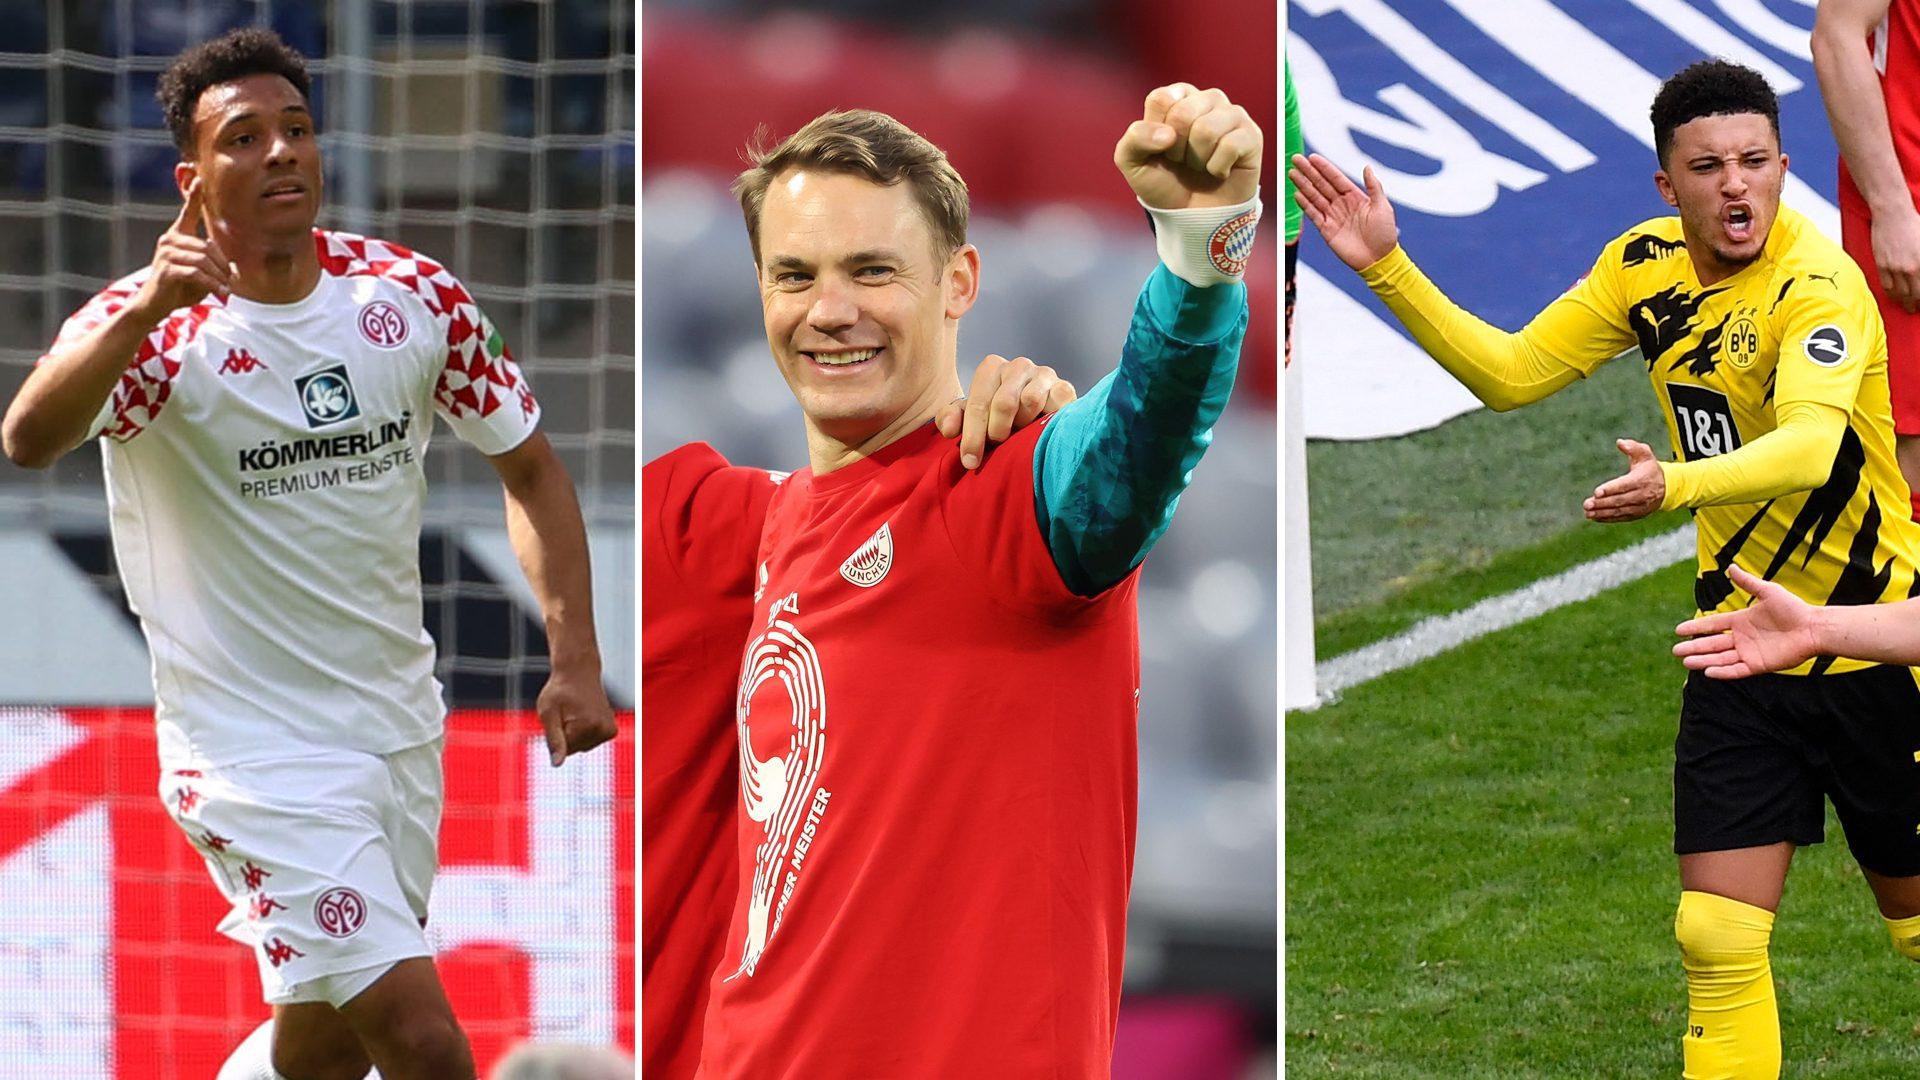 32. Spieltag im Fokus: Darüber spricht die Bundesliga